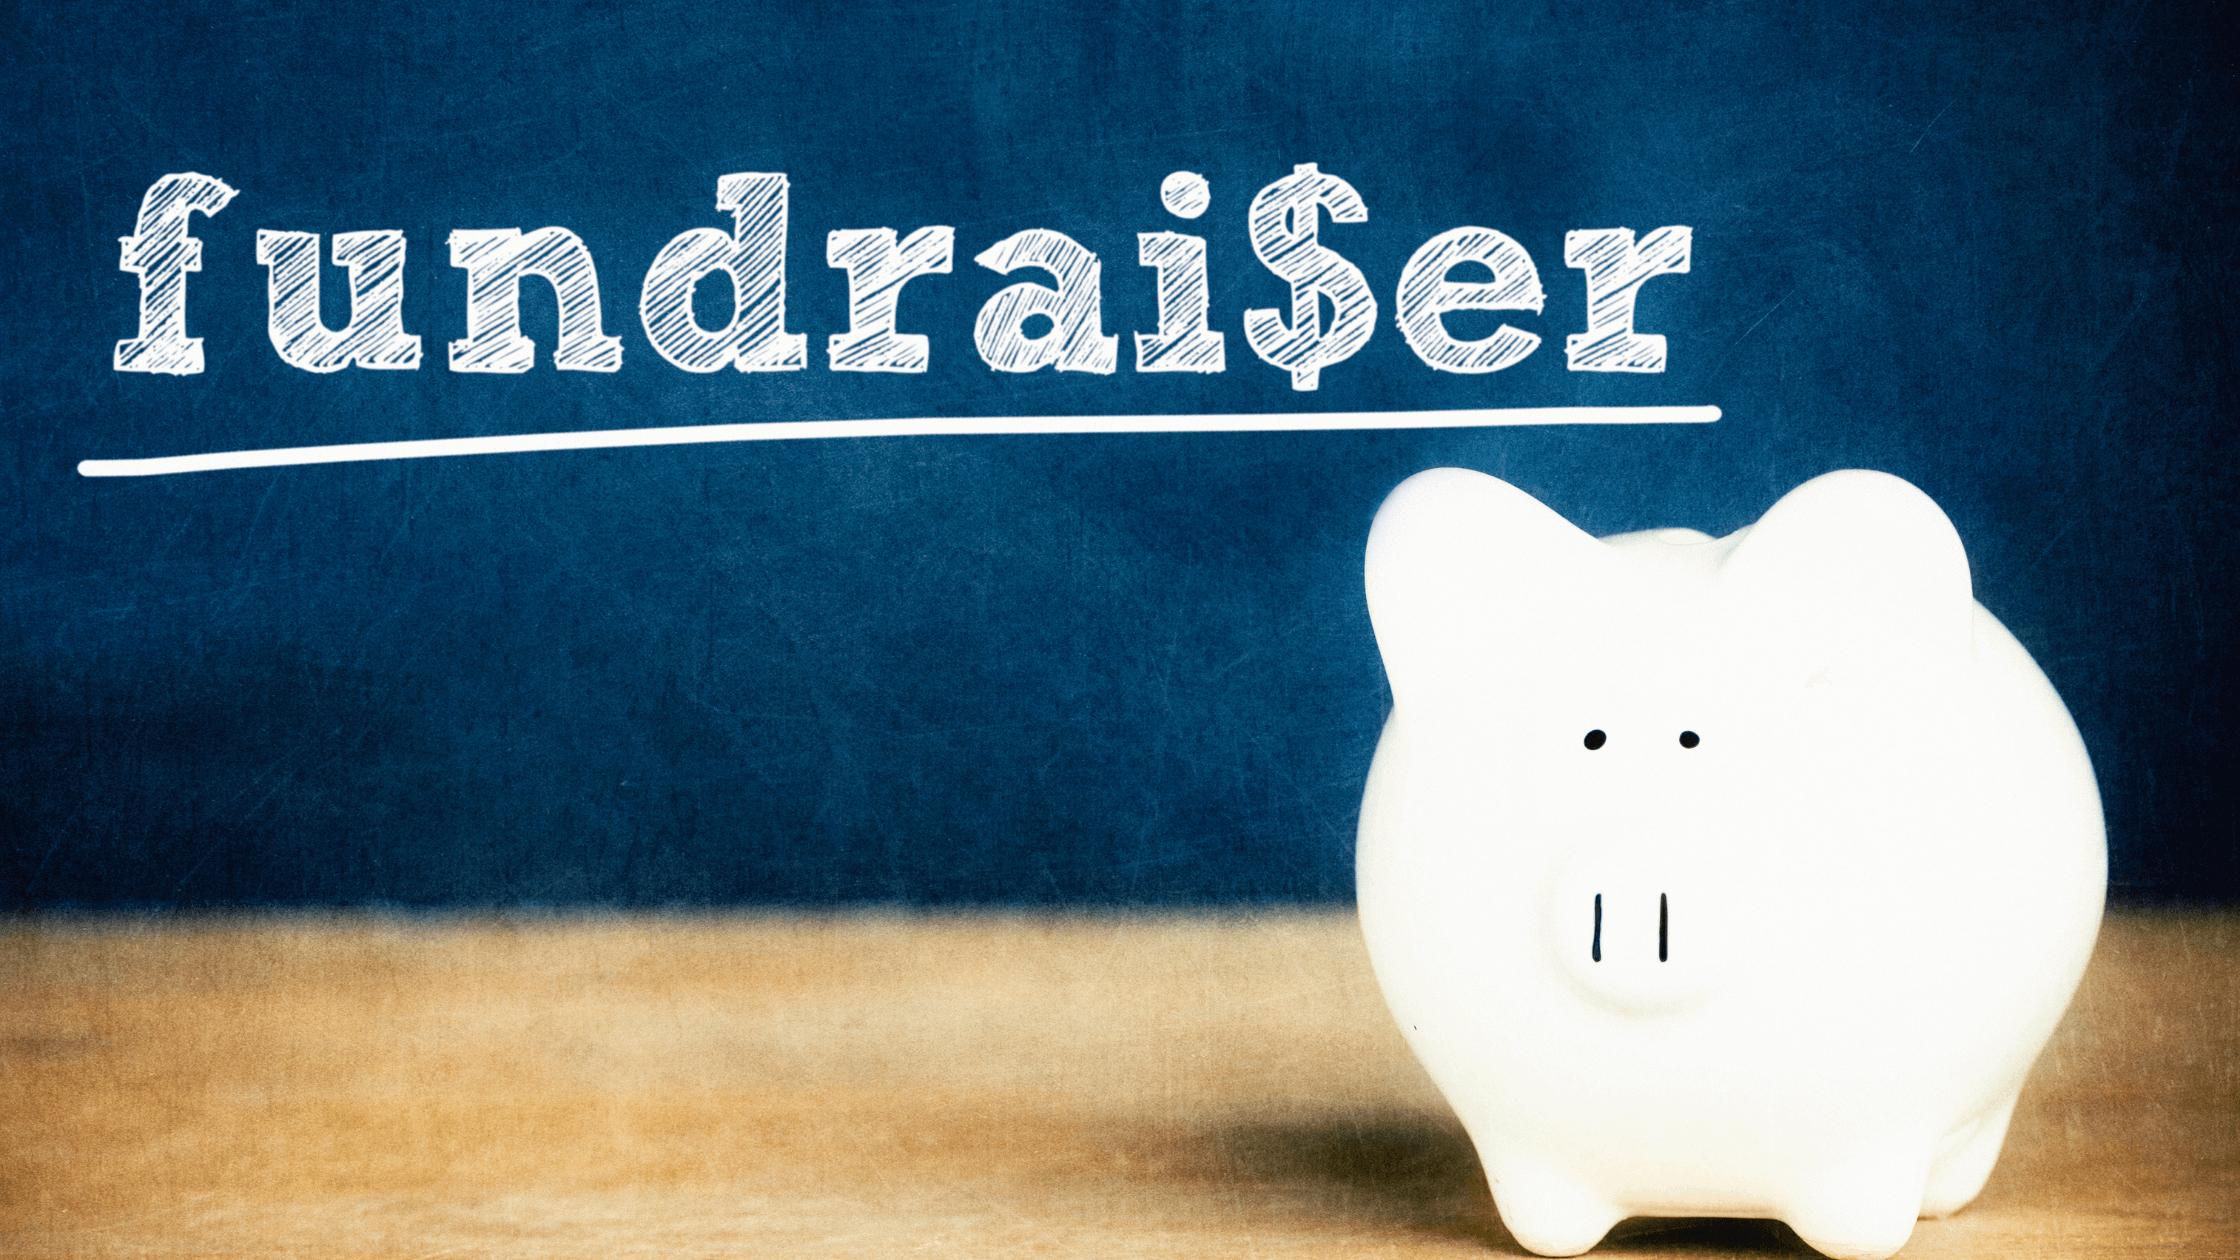 fundraising social media